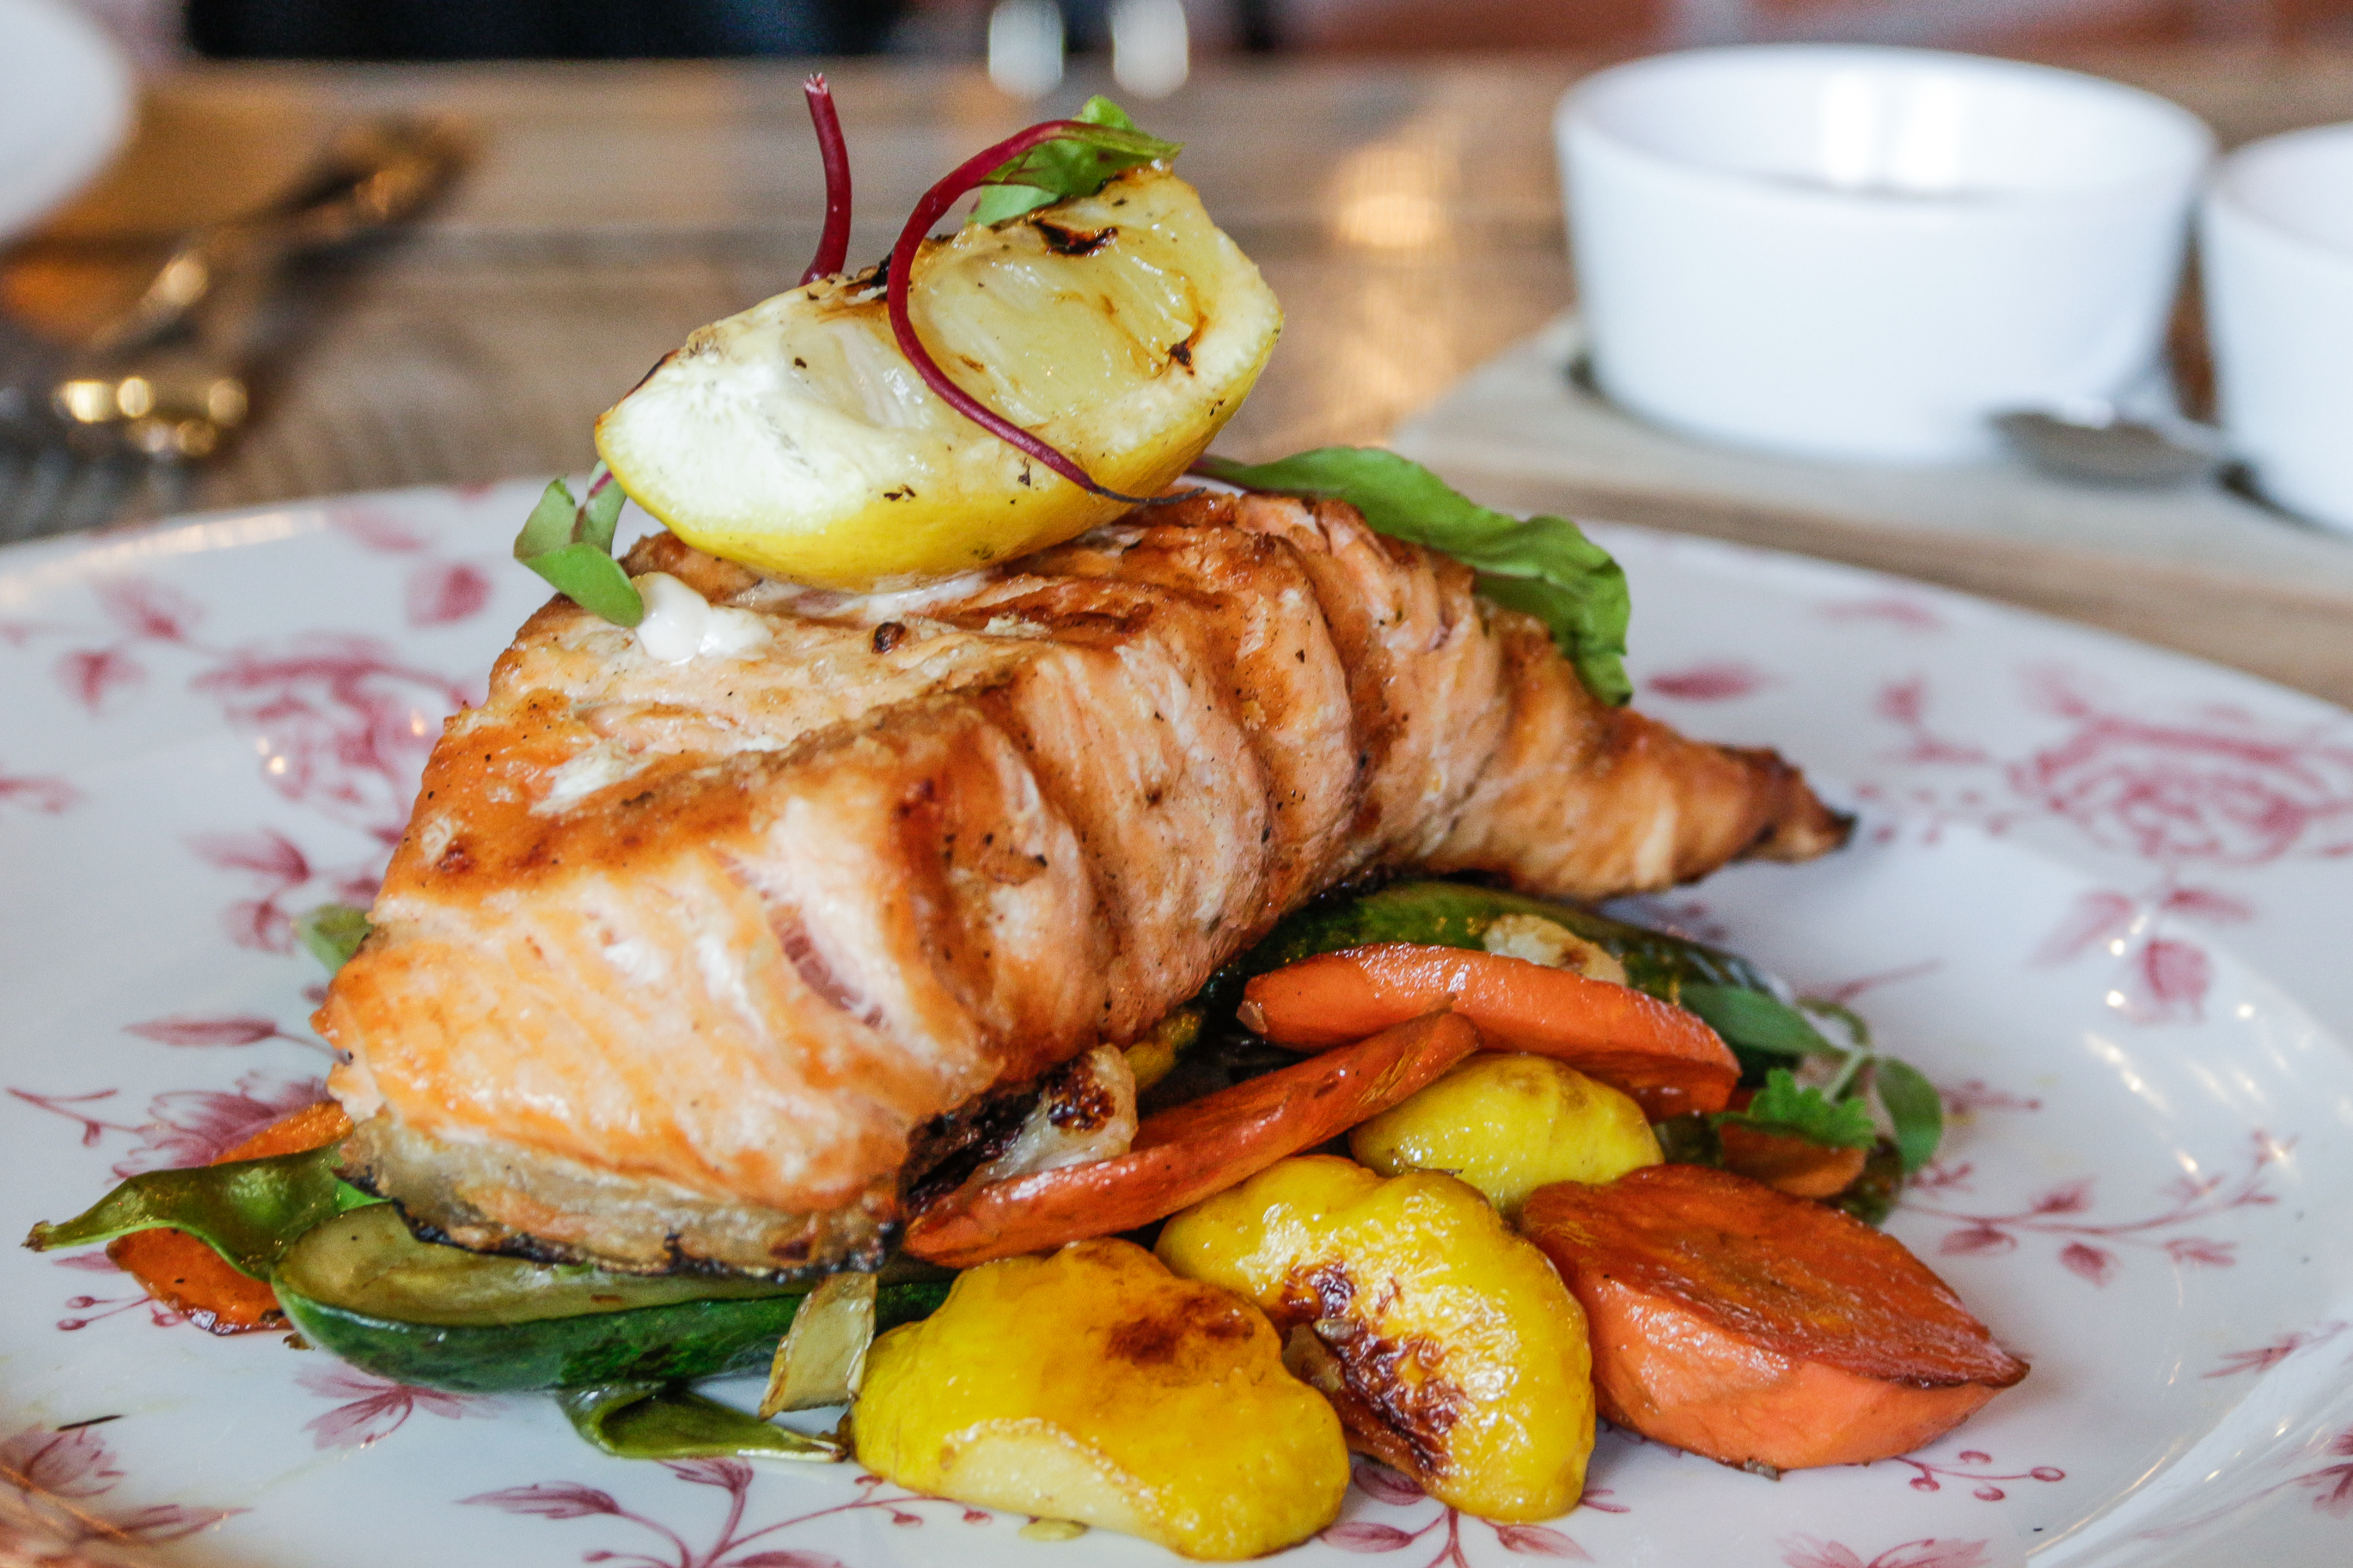 Los 5 mejores lugares en la CDMX para comer un buen salmón a la parrilla